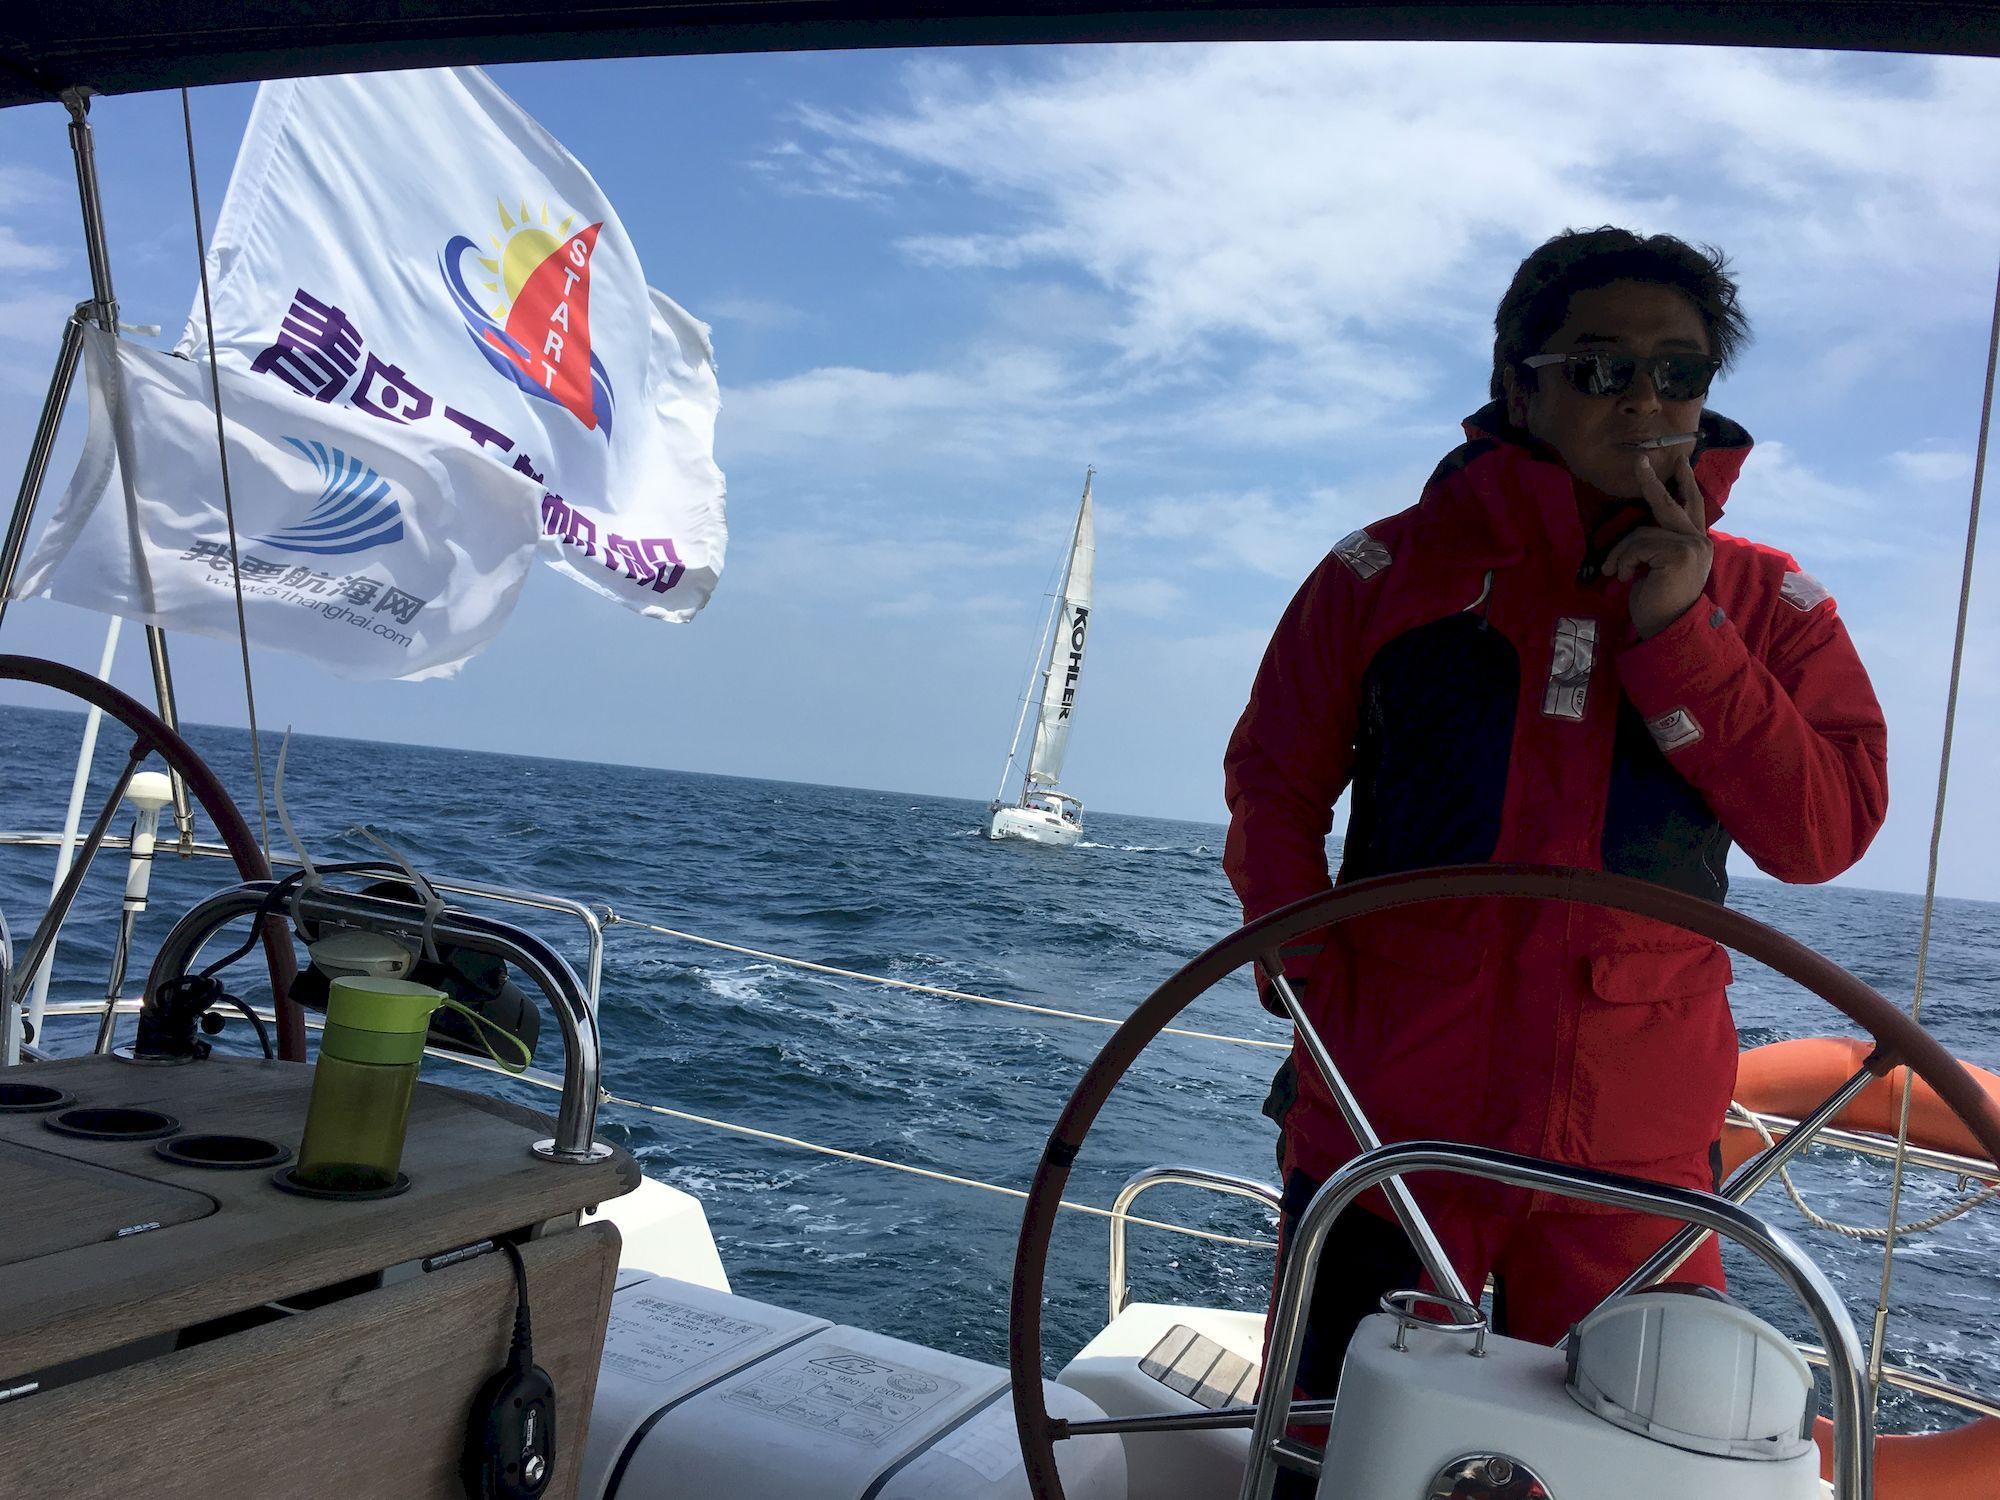 新西兰,跆拳道,俱乐部,拉力赛,青岛 向着太阳升起的地方出发:记第一次跨国远航-千航帆船-51航海网队-2016威海仁川 030-IMG_3480_千帆俱乐部我要航海网帆船队-2016威海-仁川国际帆船赛.JPG